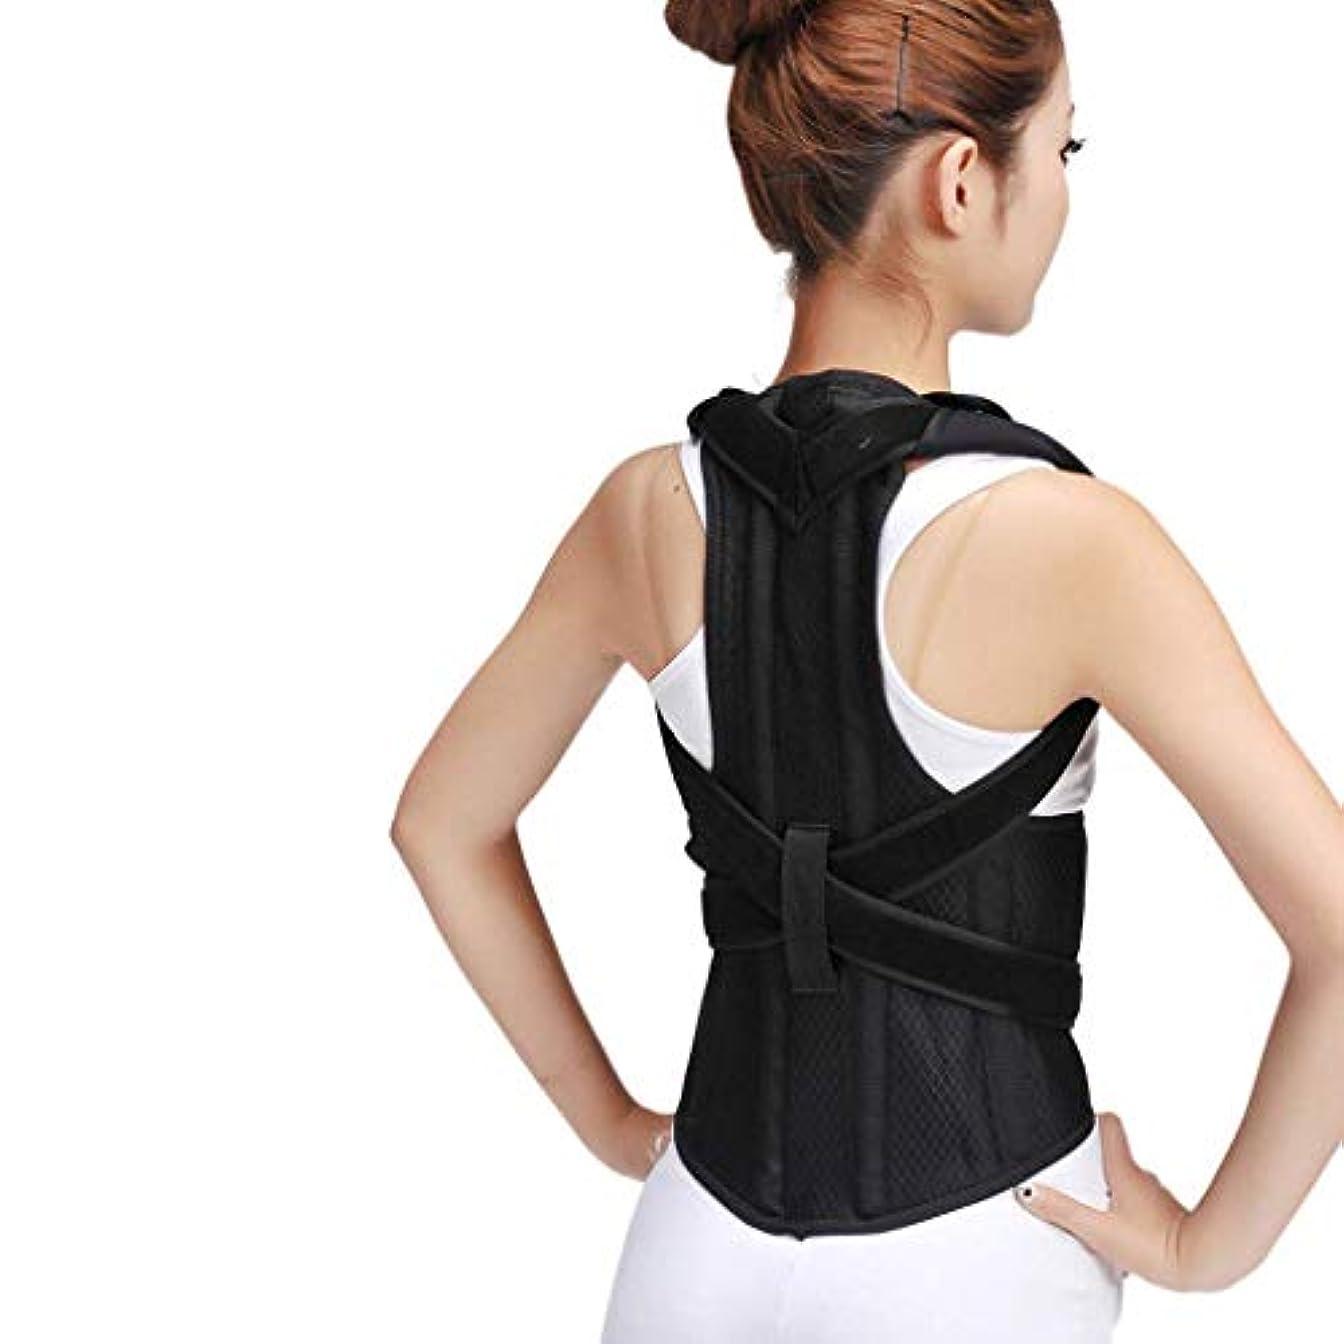 大人のKyphosis矯正ベルト、学生 '背中の姿勢矯正は背中の痛みを和らげ、悪い姿勢を改善します(色:黒、サイズ:L(ウエスト:90-110cm))